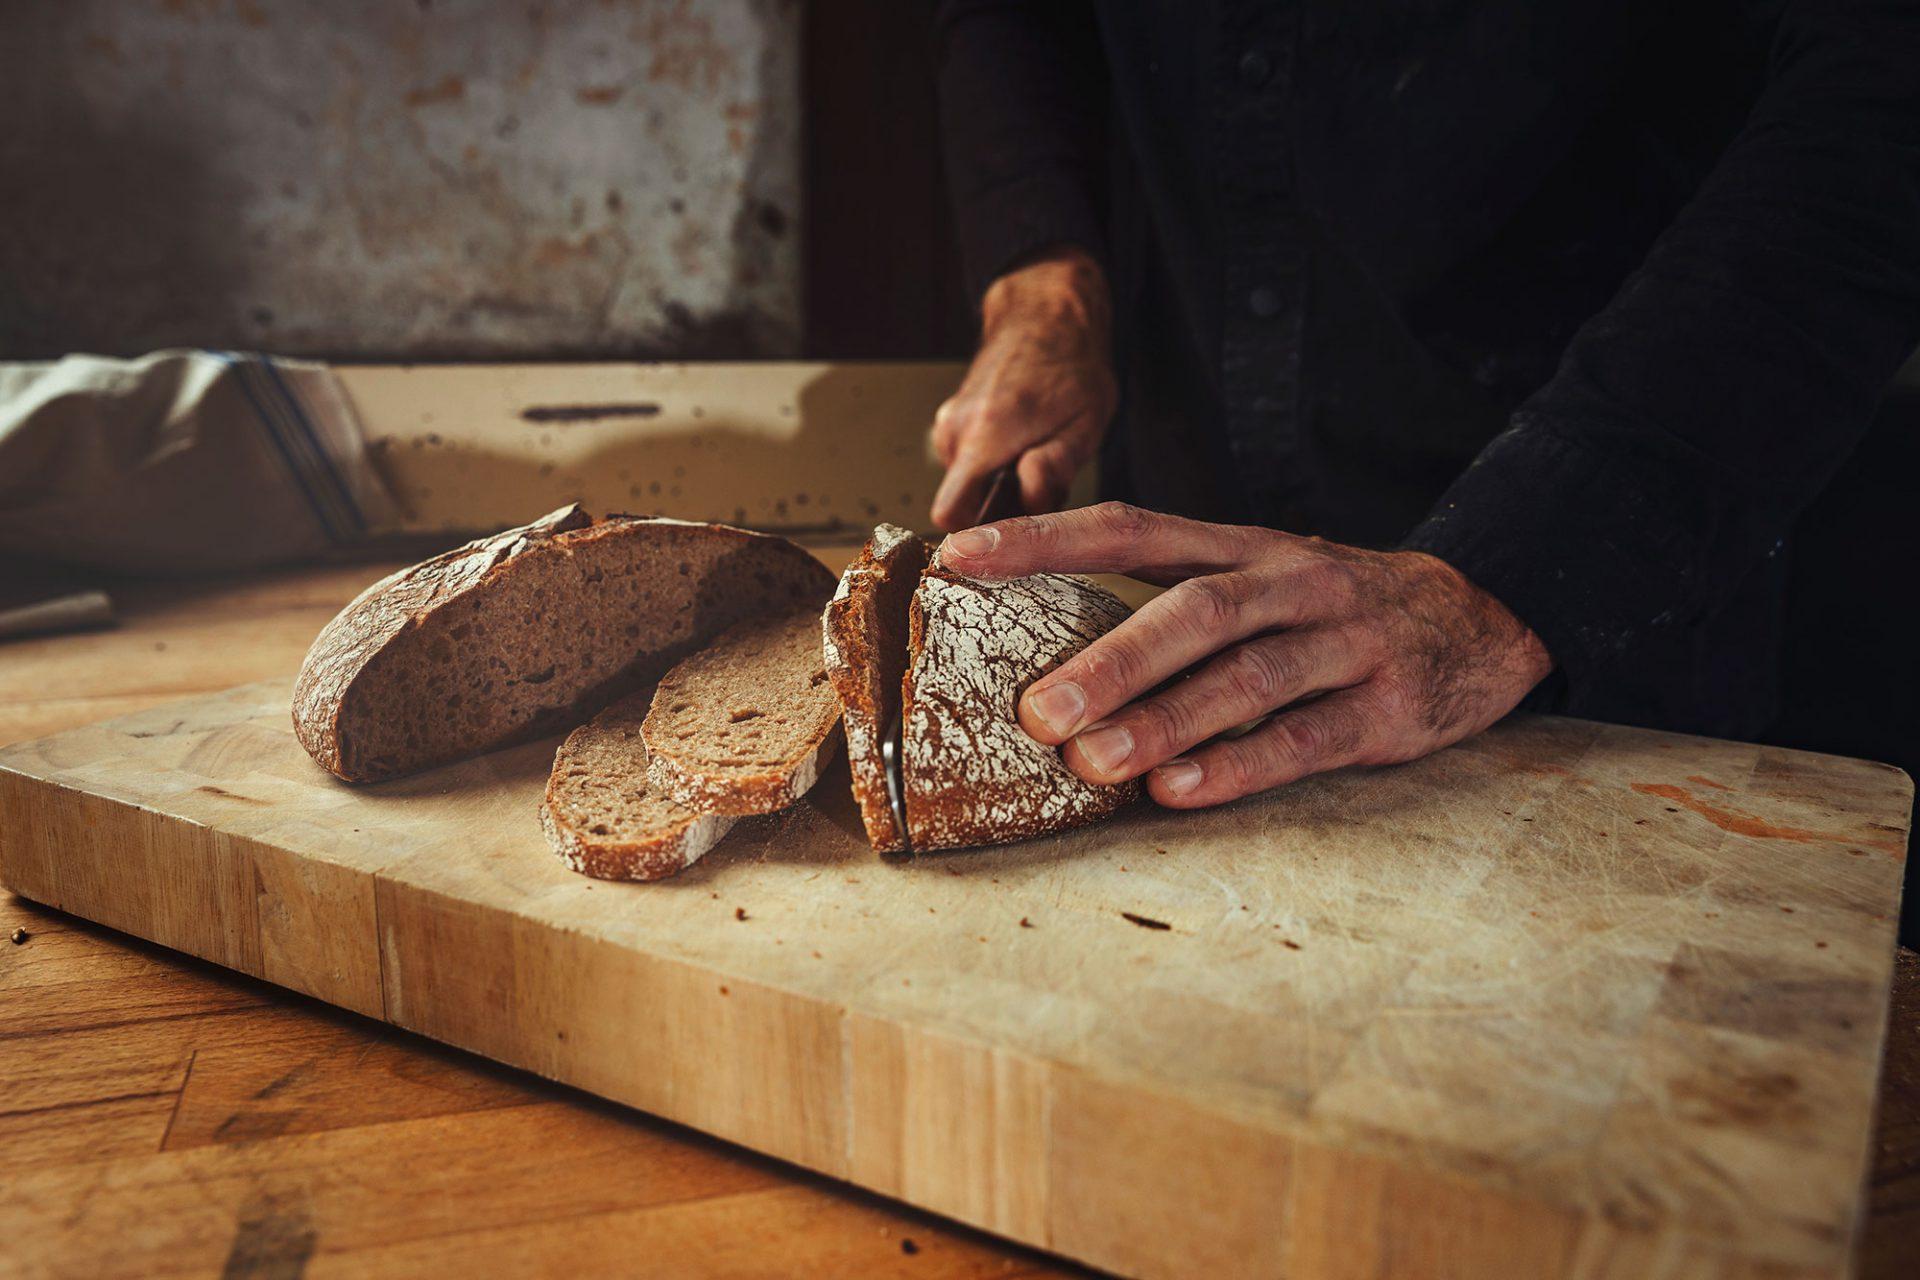 Het brood van de emmertarwe wordt gemaakt met een combinatie van andere granen zodat het een luchtige structuur behoudt - Foto door Bibi Veth